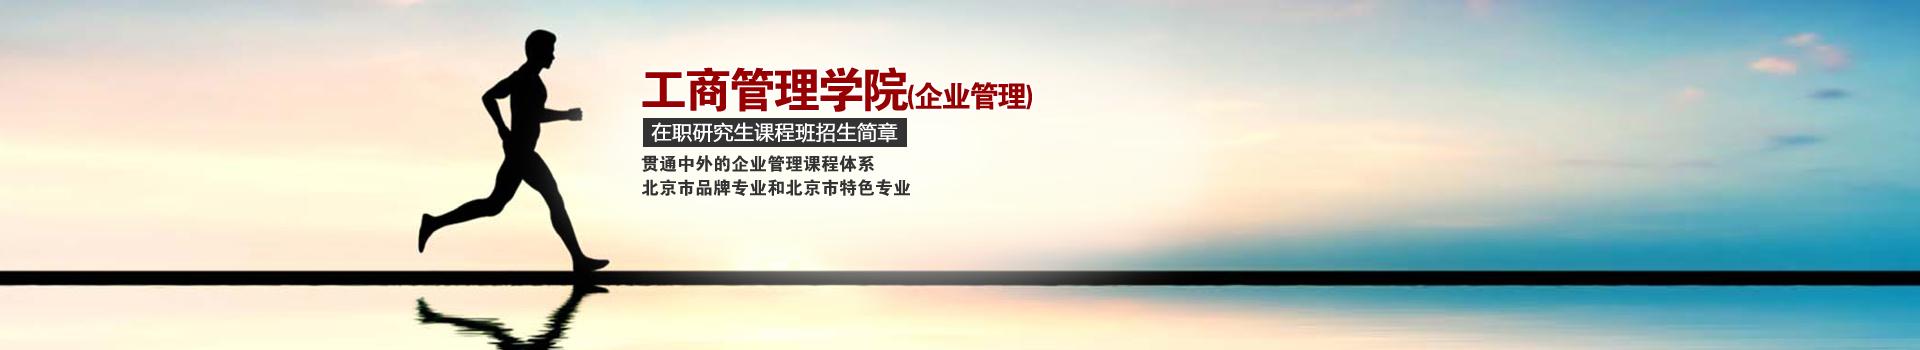 首都经济贸易大学工商管理学院(企业管理)在职研究生课程班招生简章